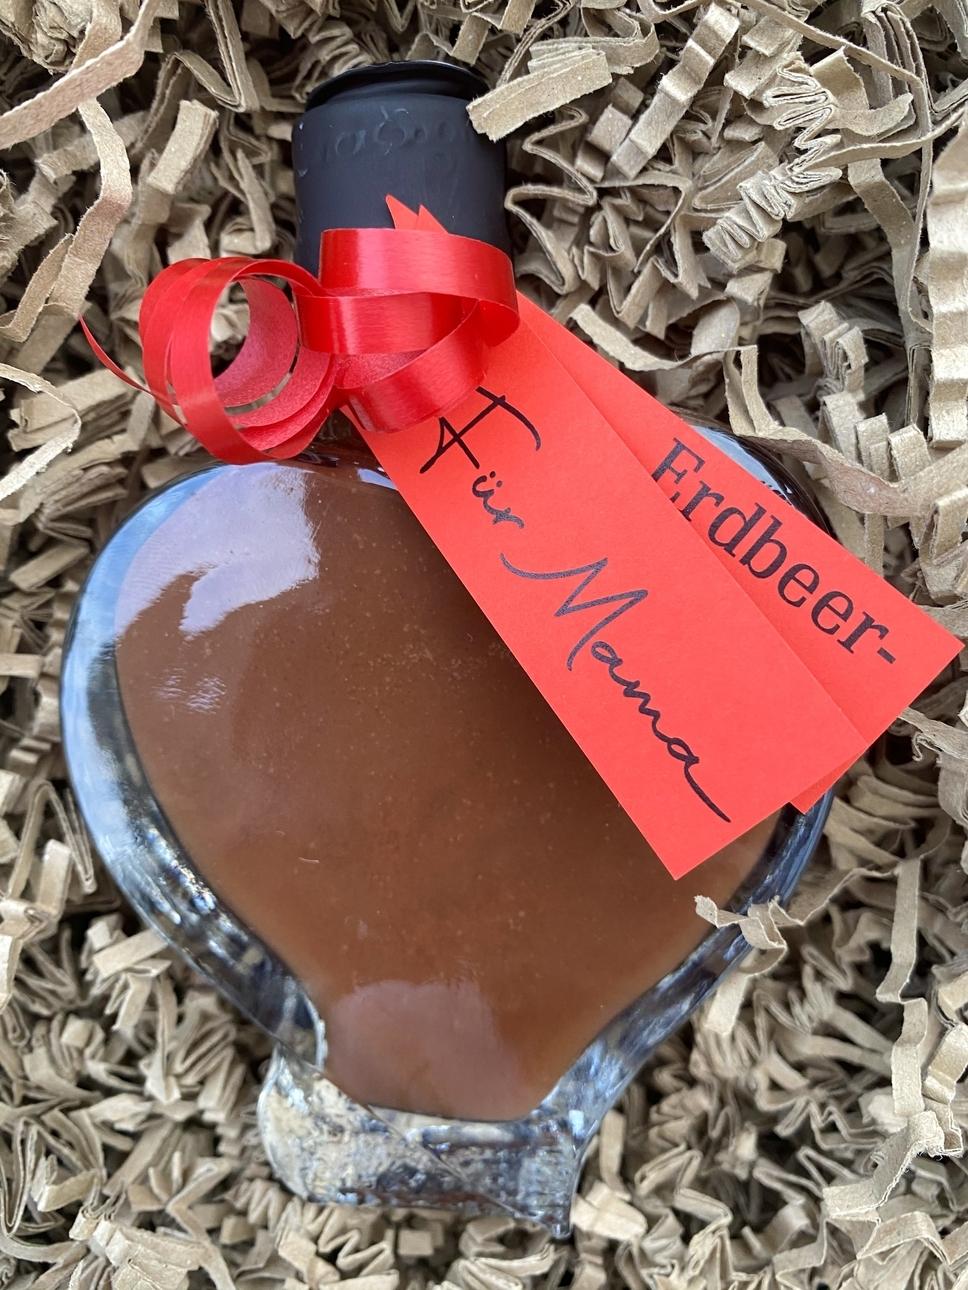 Erdbeerhof Wunderlich - Erdbeer-Nougat-Likör